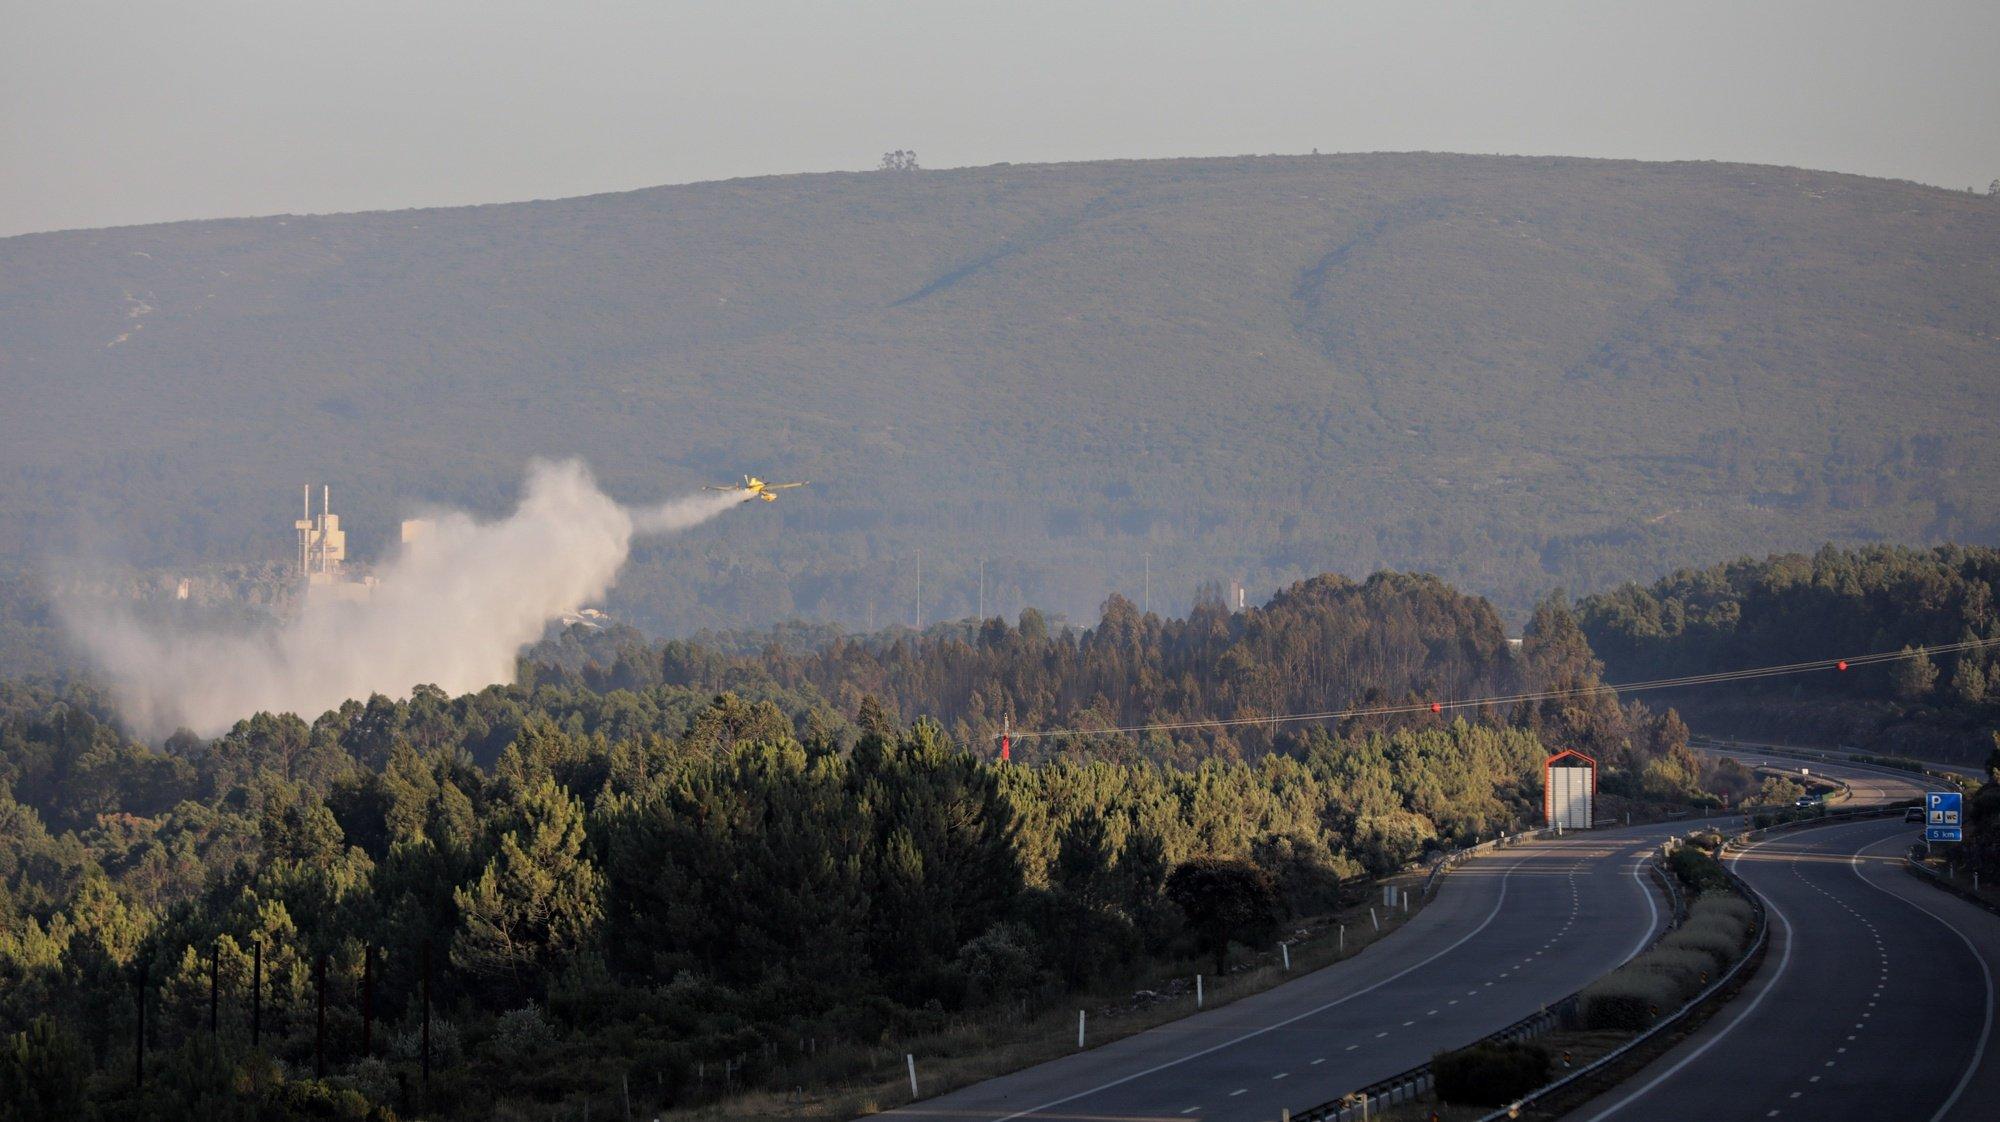 A Autoestrada 1 (A1) está cortada nos dois sentidos desde as 18:00 entre Fátima e Torres Novas, distrito de Santarém, na sequência de um incêndio que deflagrou em Ourém às 16:20, disse fonte da concessionária Brisa, Ourém, Santarém, 23 de julho de 2020. O incêndio, às 20:15, de acordo com a página da Proteção Civil, estava a ser combatido por 215 bombeiros, 63 viaturas e seis meios aéreos.PAULO CUNHA/LUSA